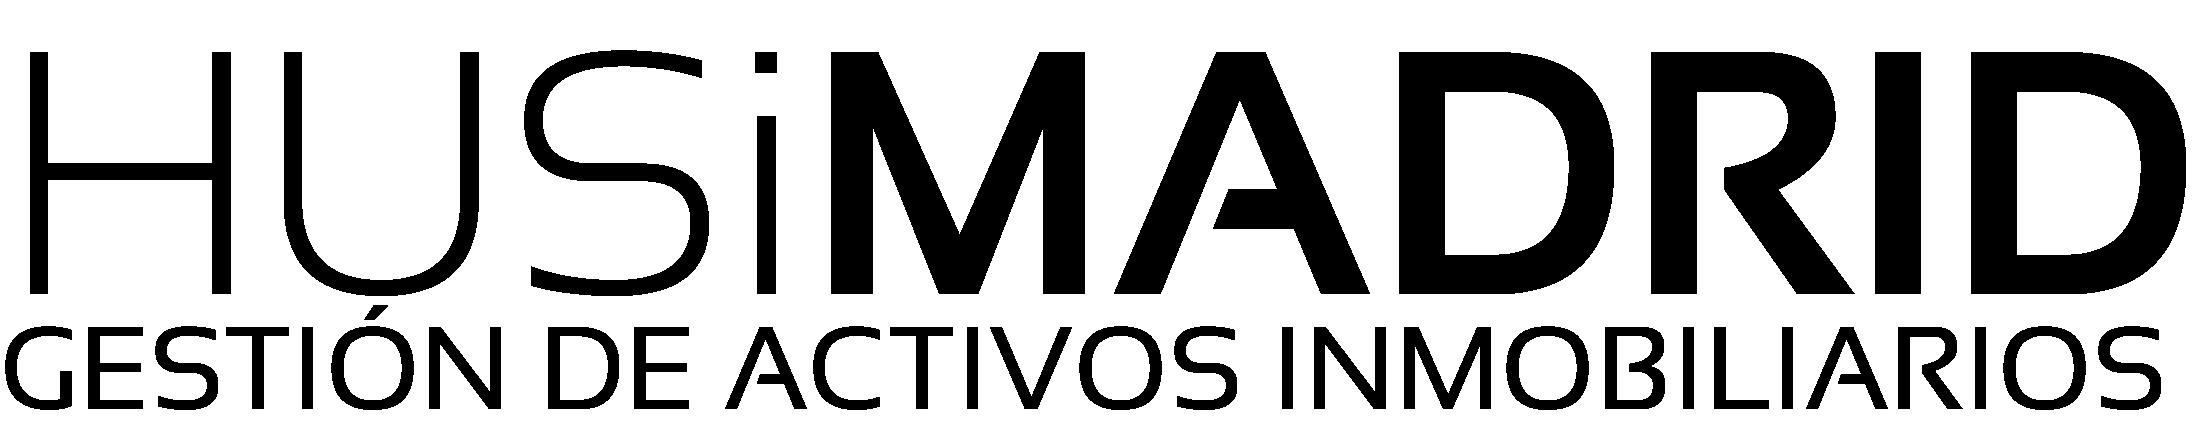 Husimadrid